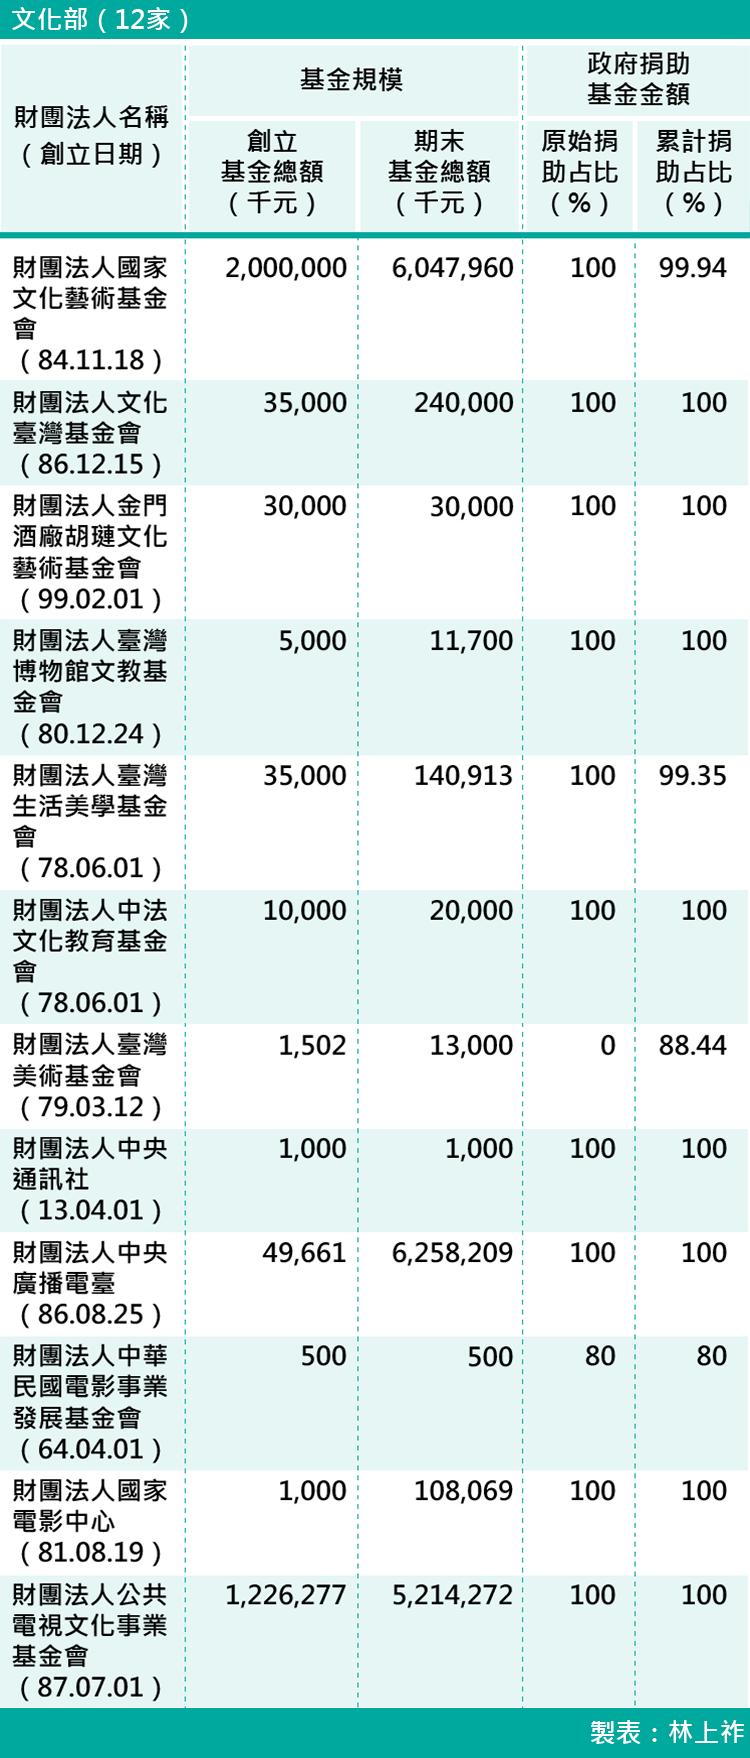 09-各部會下轄財團法人基金規模-文化部(12家)